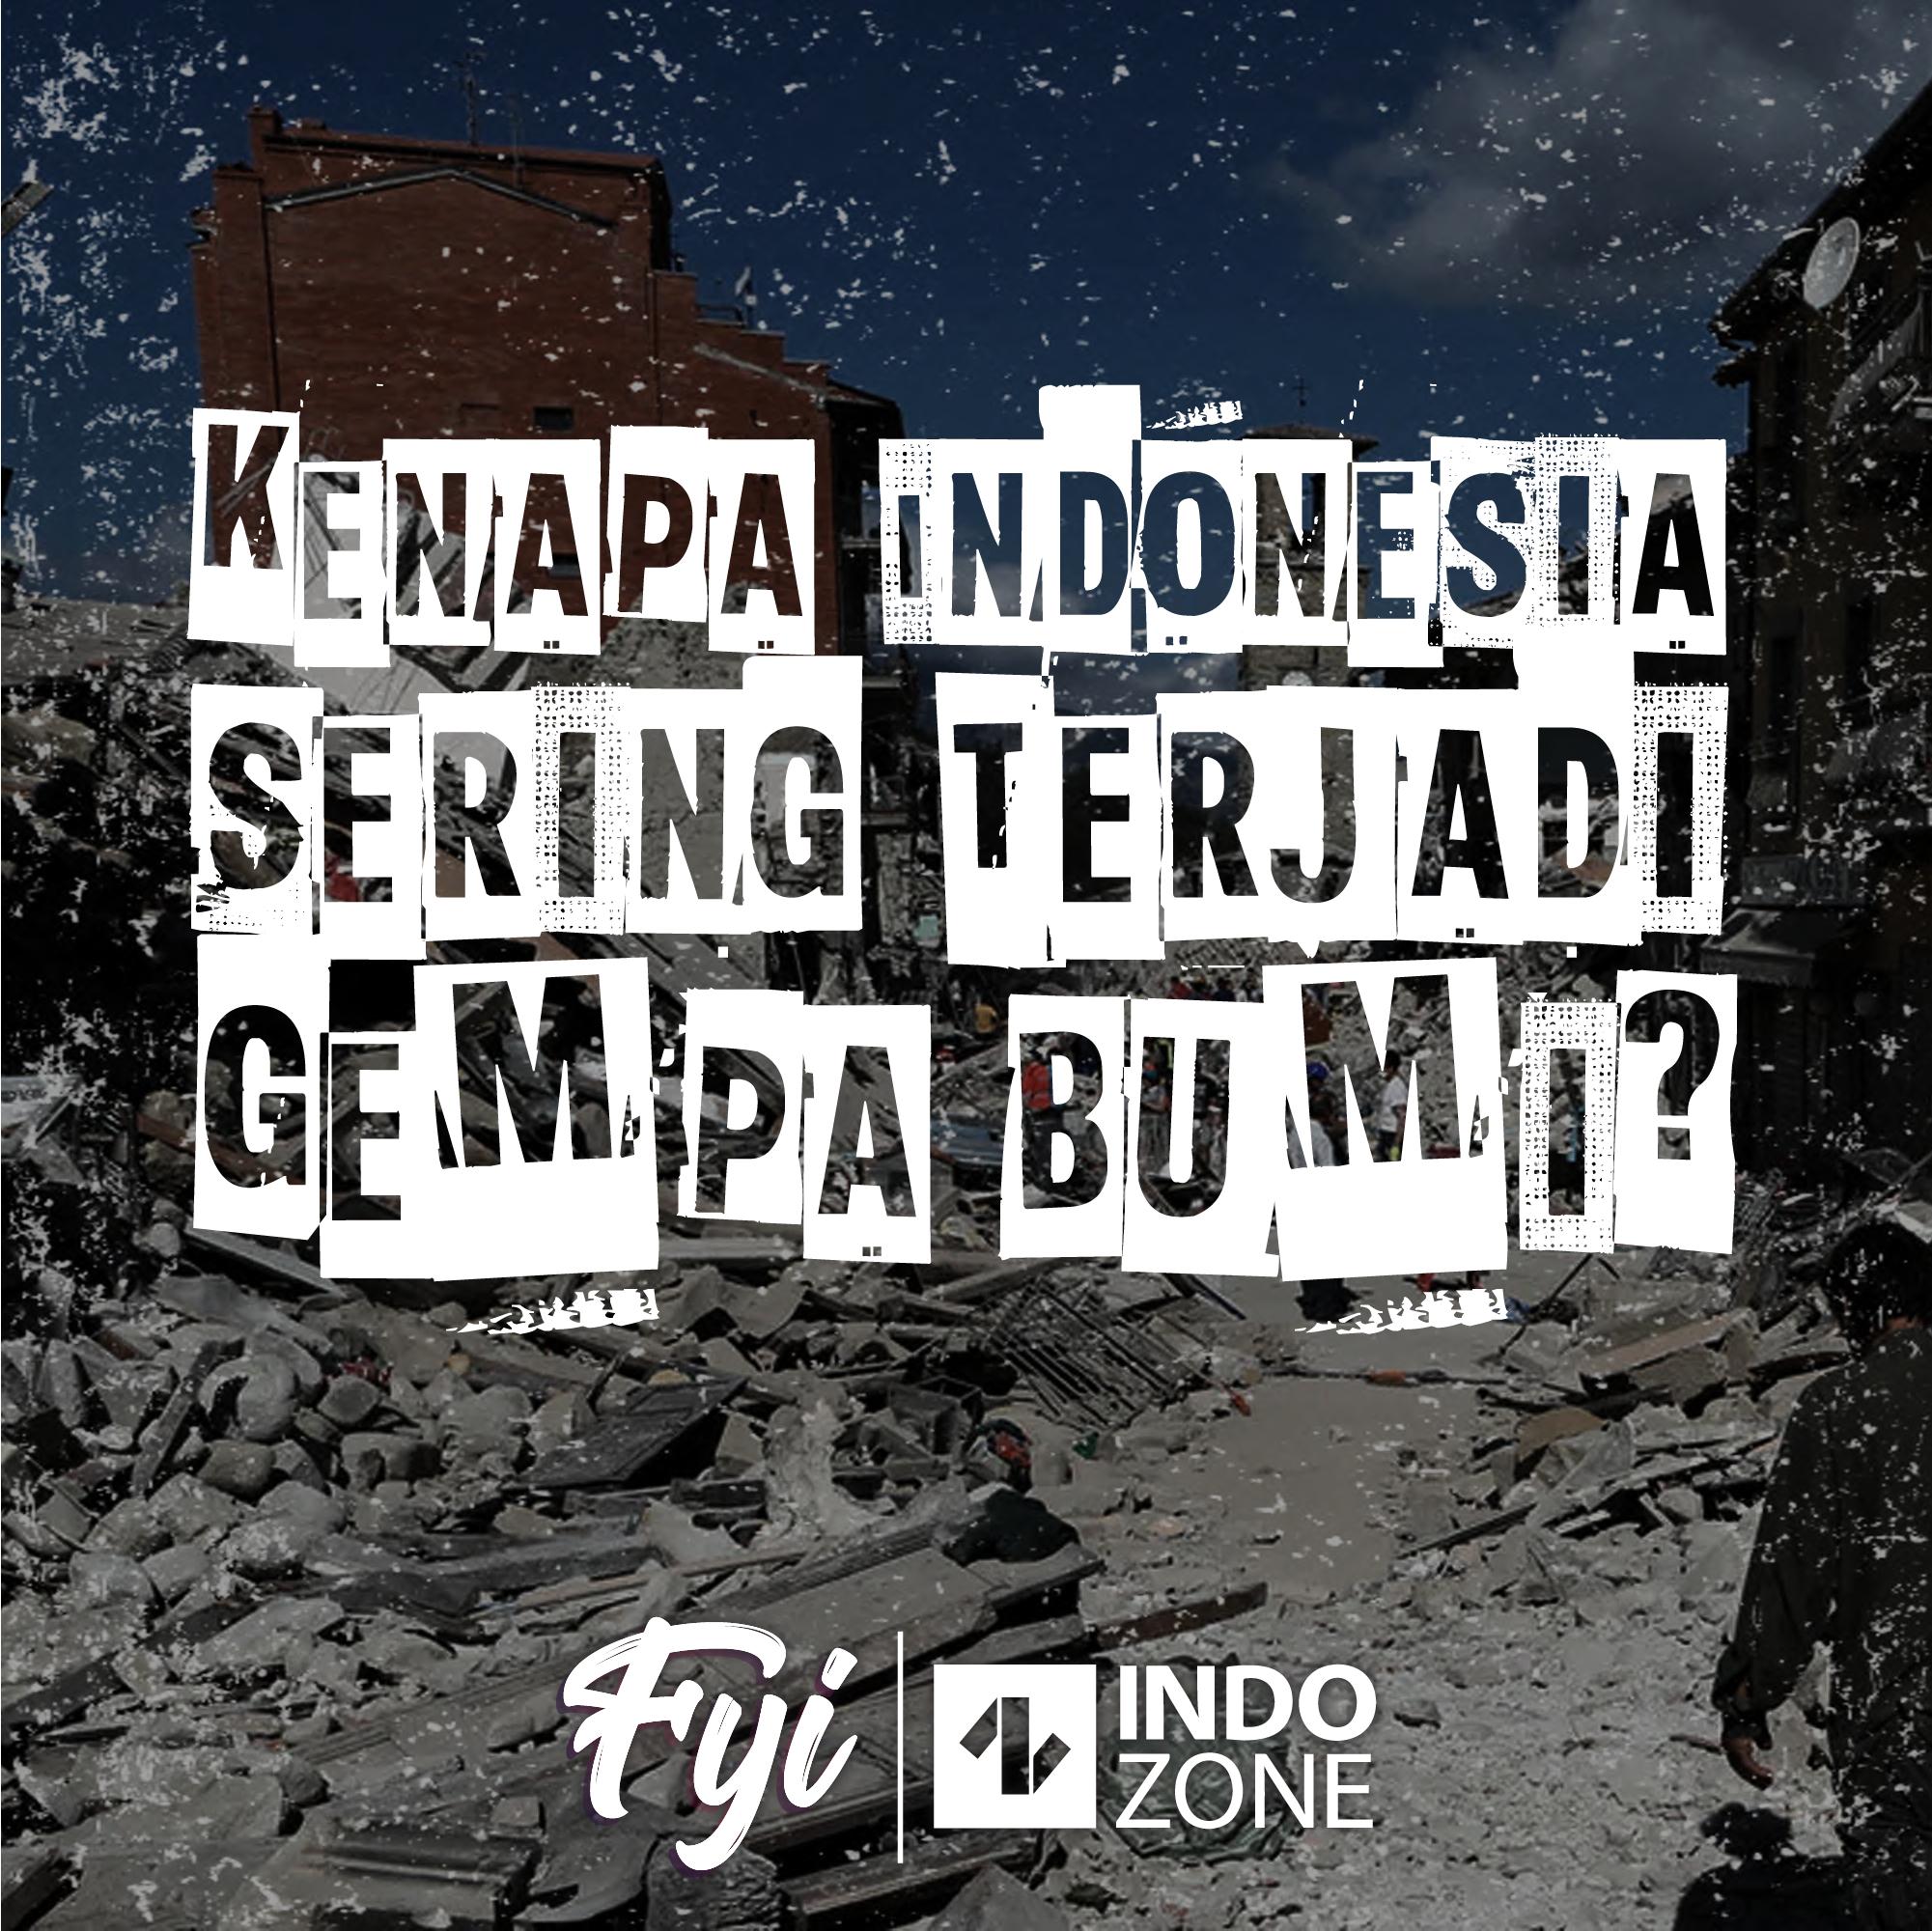 Kenapa Indonesia Sering Terjadi Gempa Bumi?